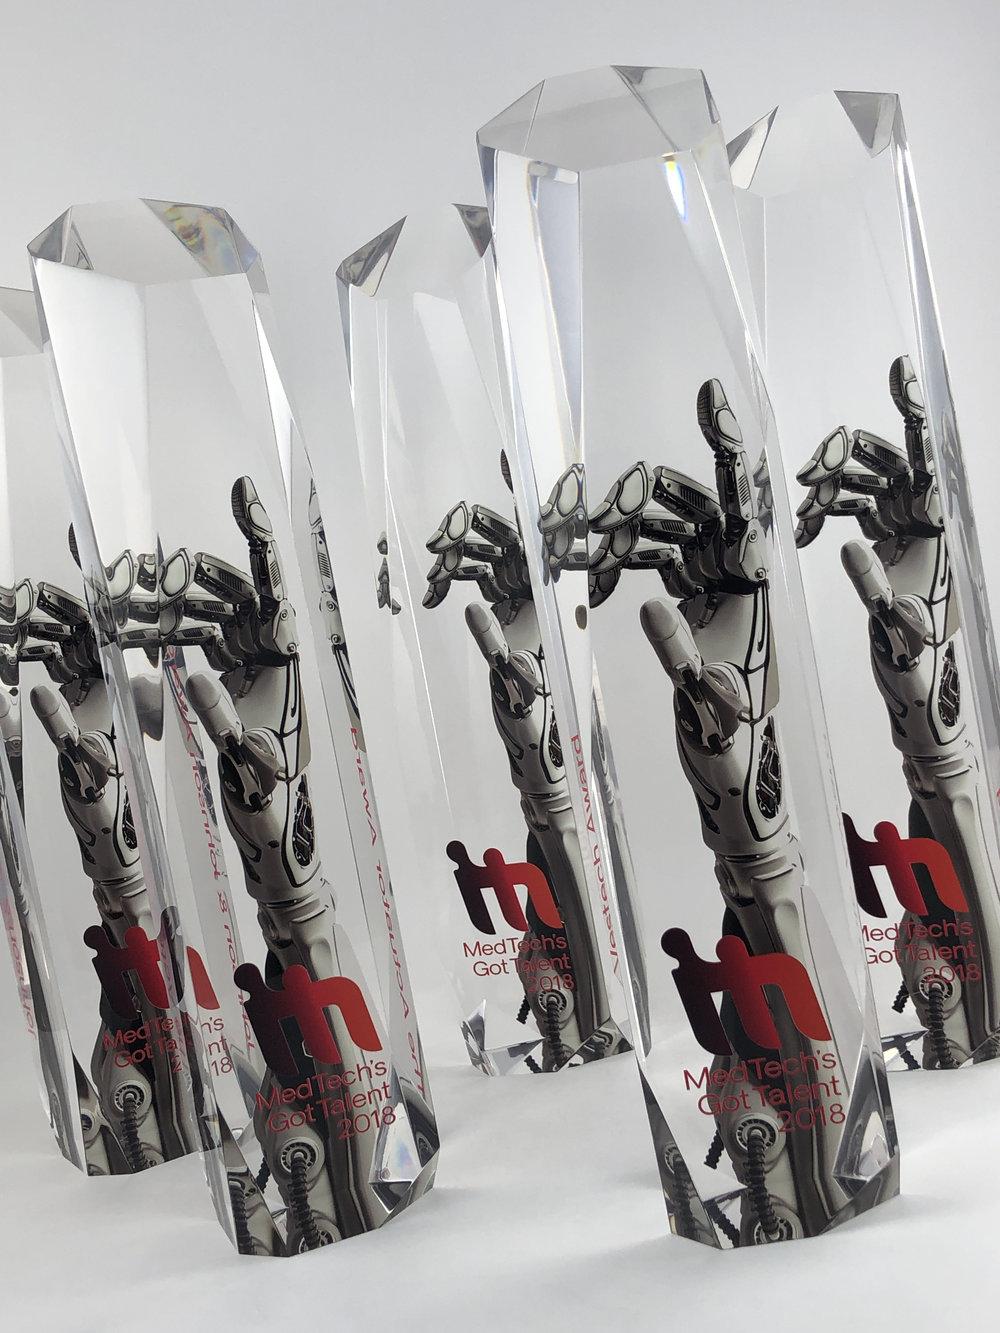 medtech-got-talent-awards-acrylic-graphic-print-art-trophy-02.jpg